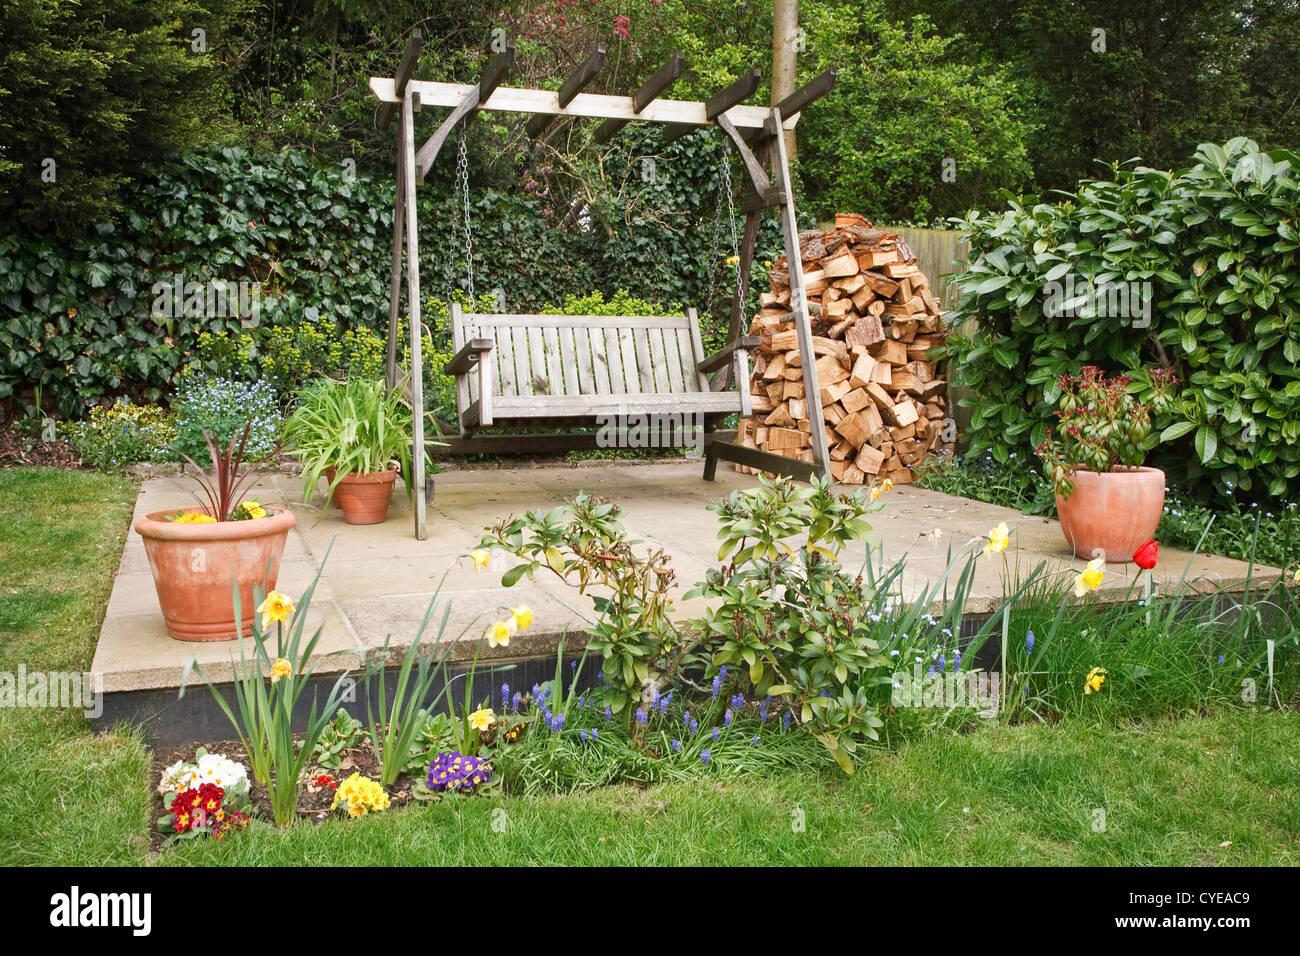 Entspannende Garten Terrasse Mit Schaukel Bank, Topfpflanzen Und Ein  Holzstapel